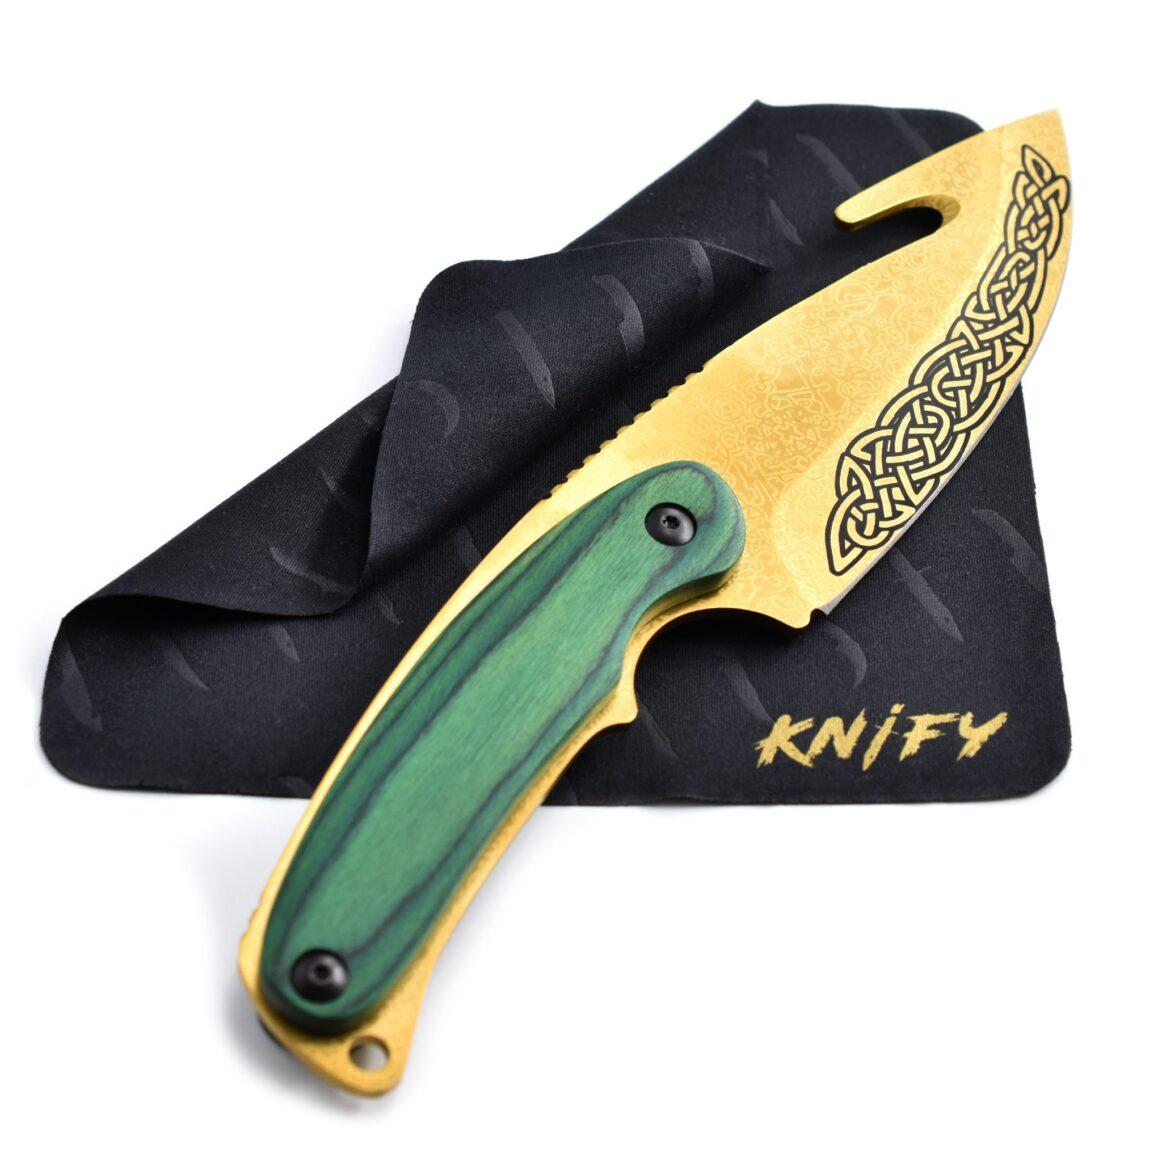 Couteau CS:GO IRL Gut Lore - Vrai Couteau à éviscérer Tradition